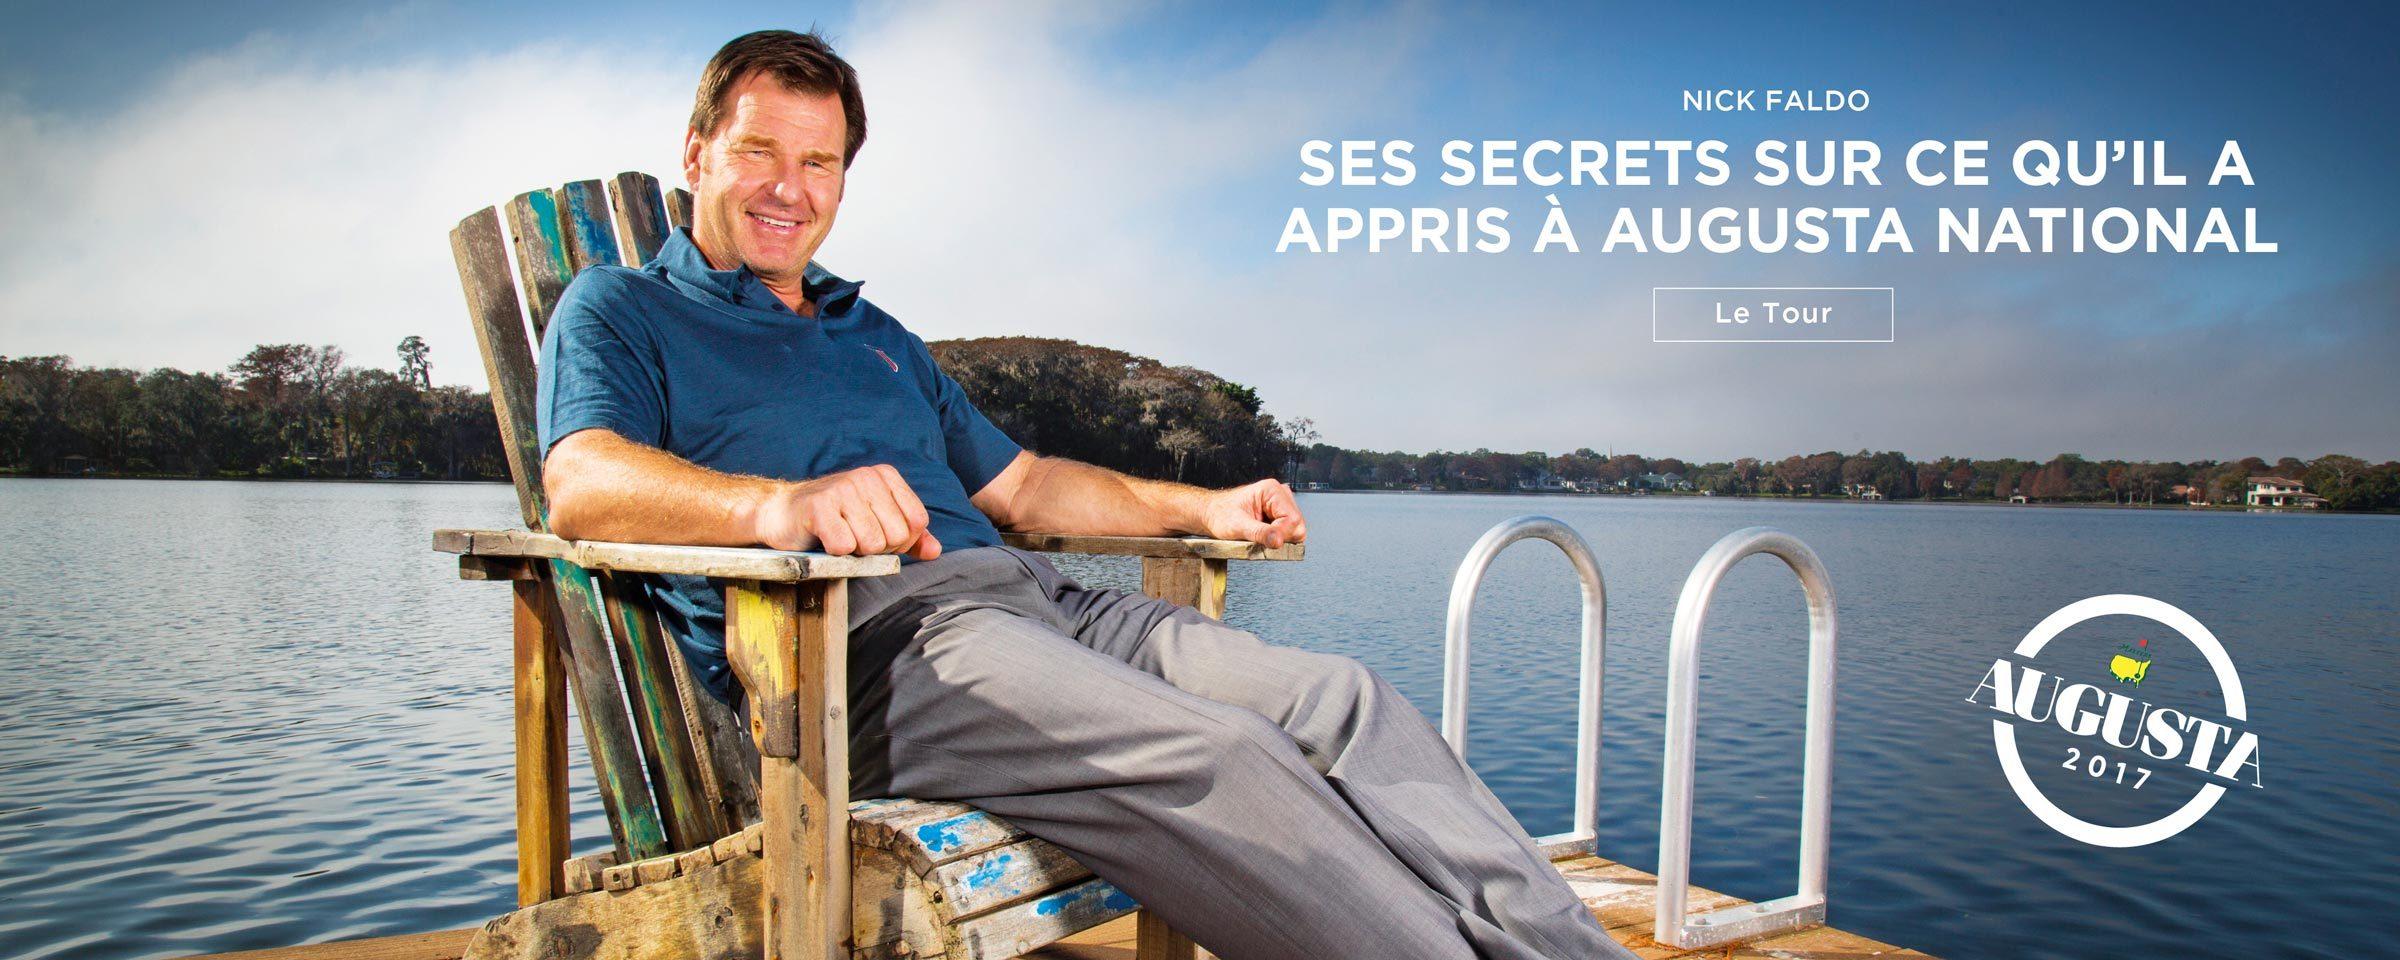 Ses secrets sur ce qu'il a appris à Augusta National